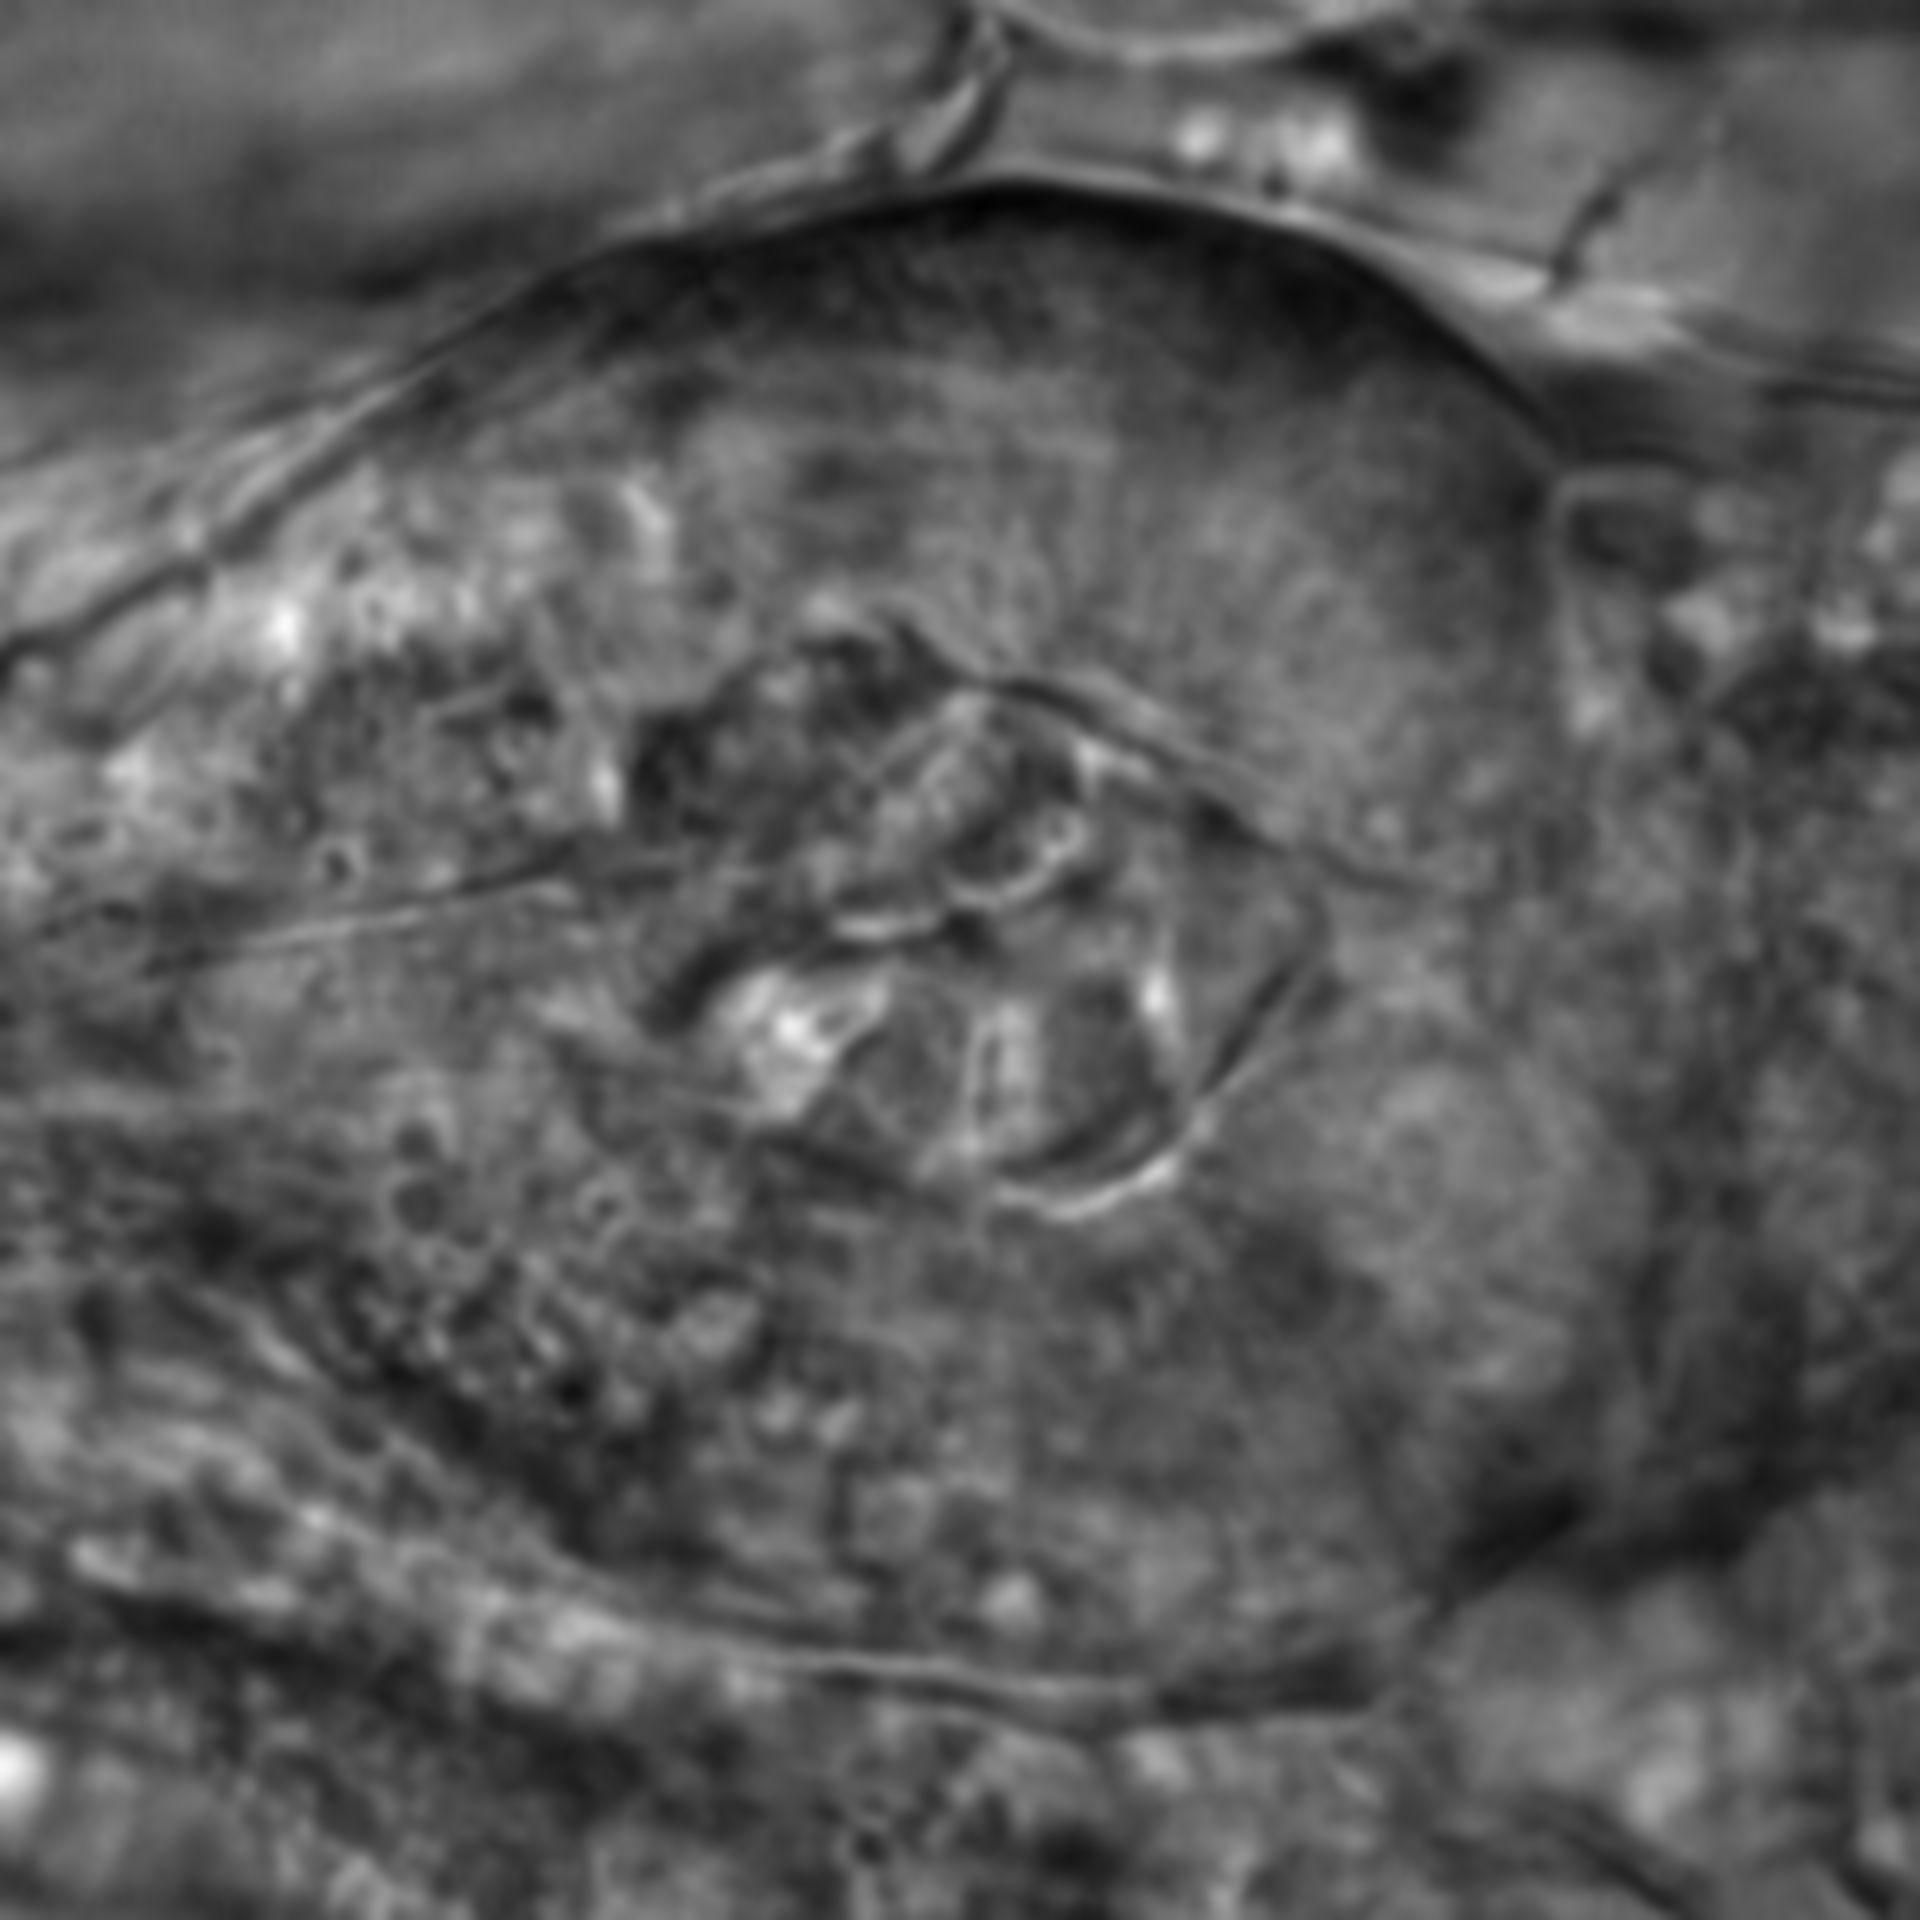 Caenorhabditis elegans - CIL:2729